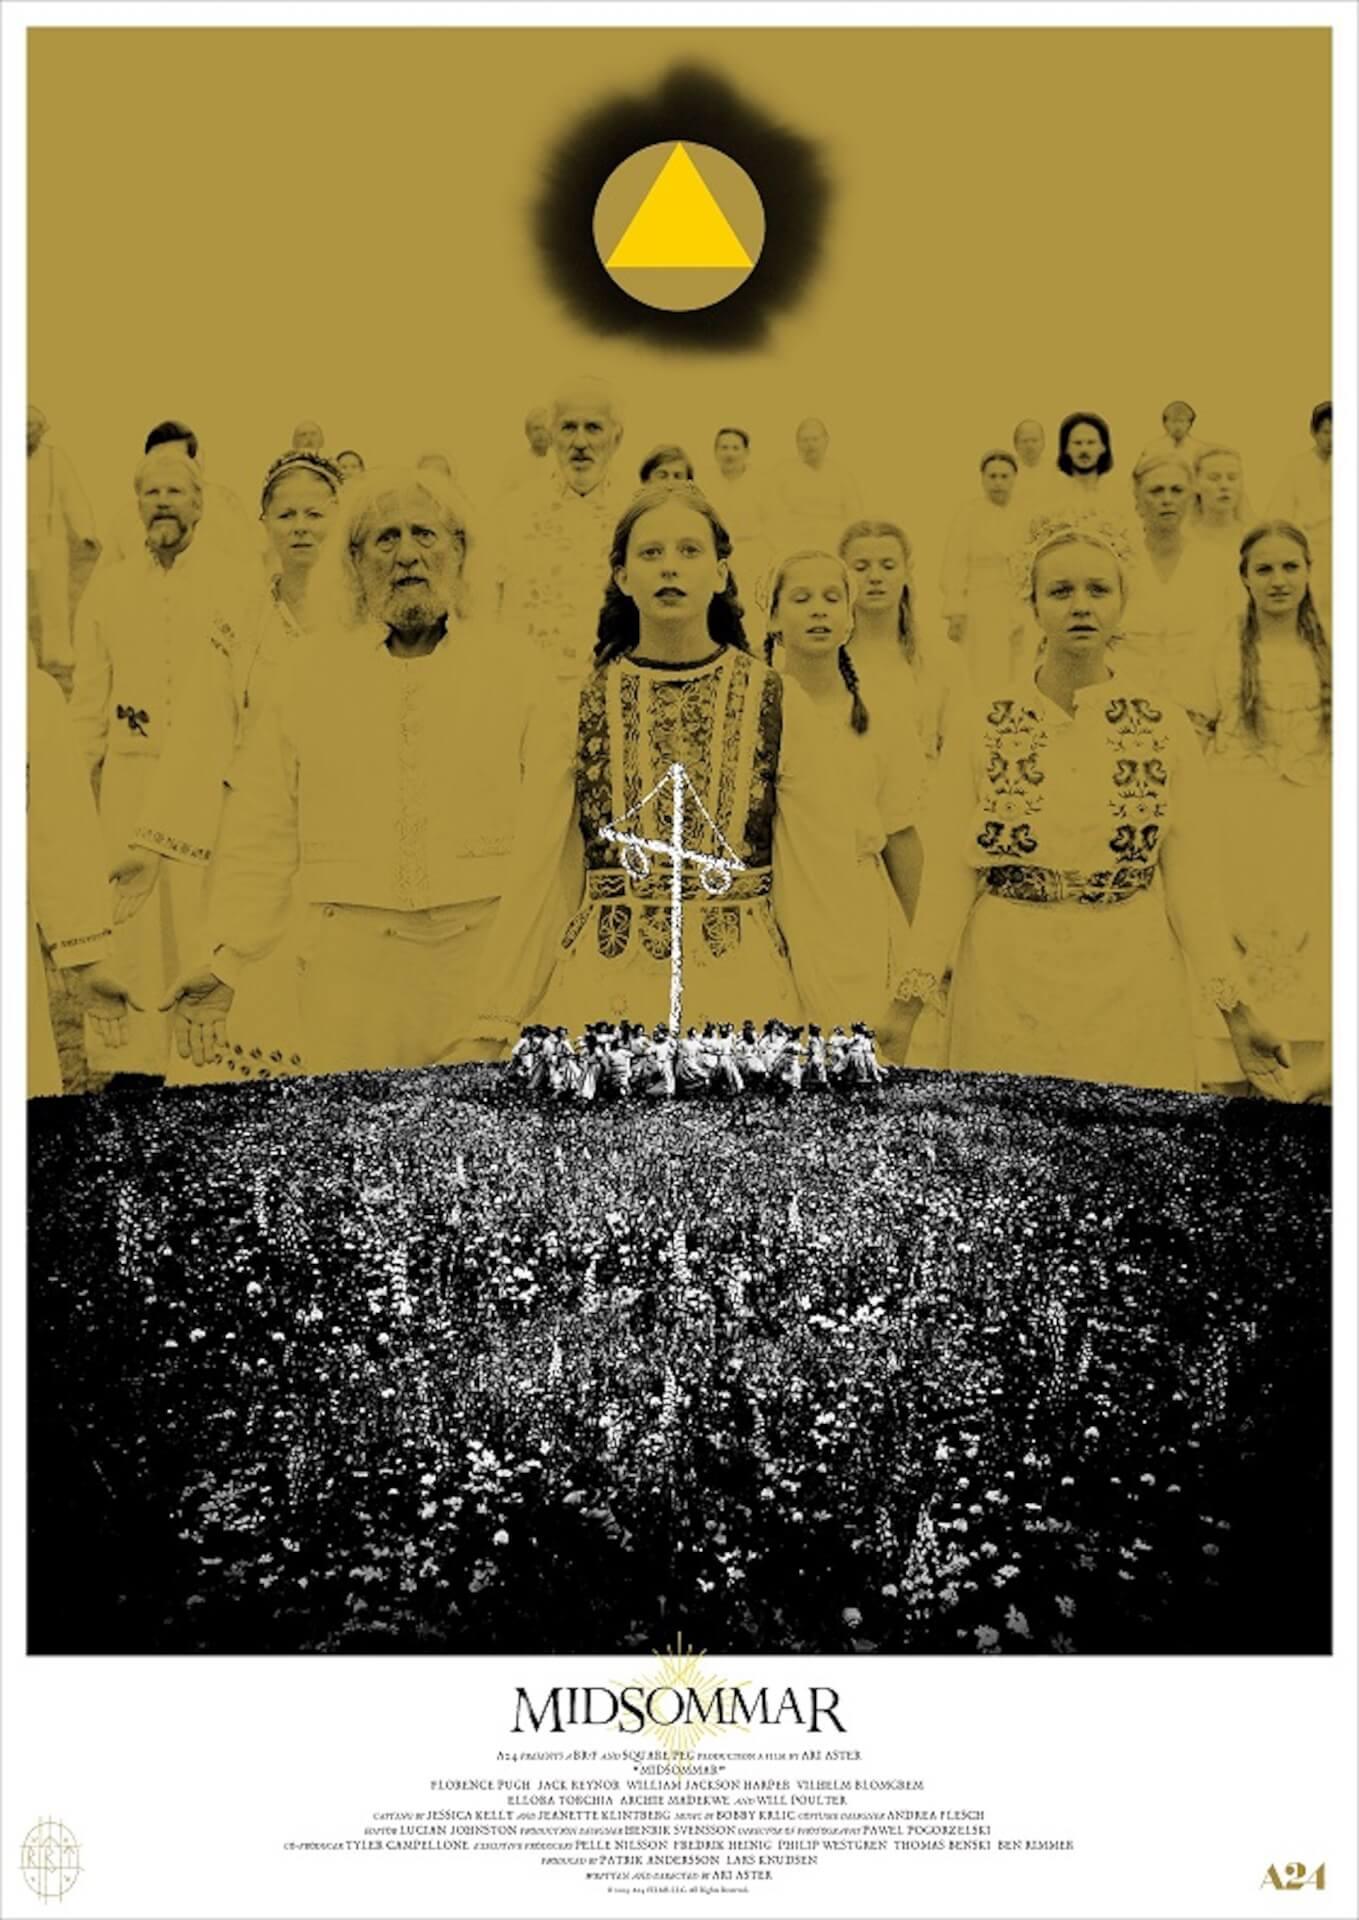 映画『ミッドサマー』公開目前!ヒグチユウコが手掛けたポスターやPOPEYEとの限定コラボTシャツプレゼントキャンペーン実施決定 film200219_midsommarfanart_03